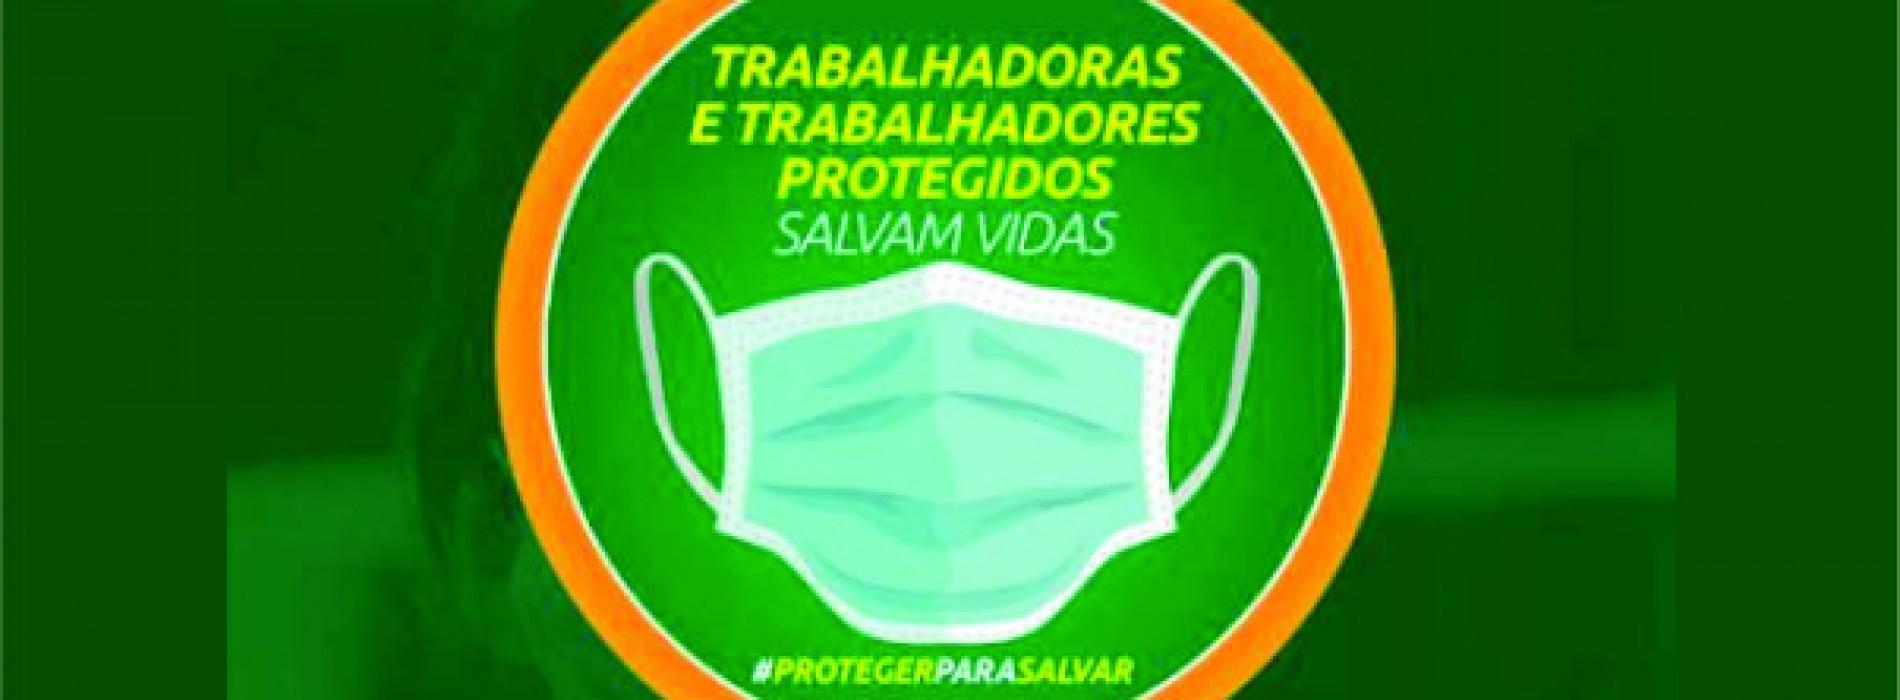 Trabalhadorxs protegidos salvam vidas